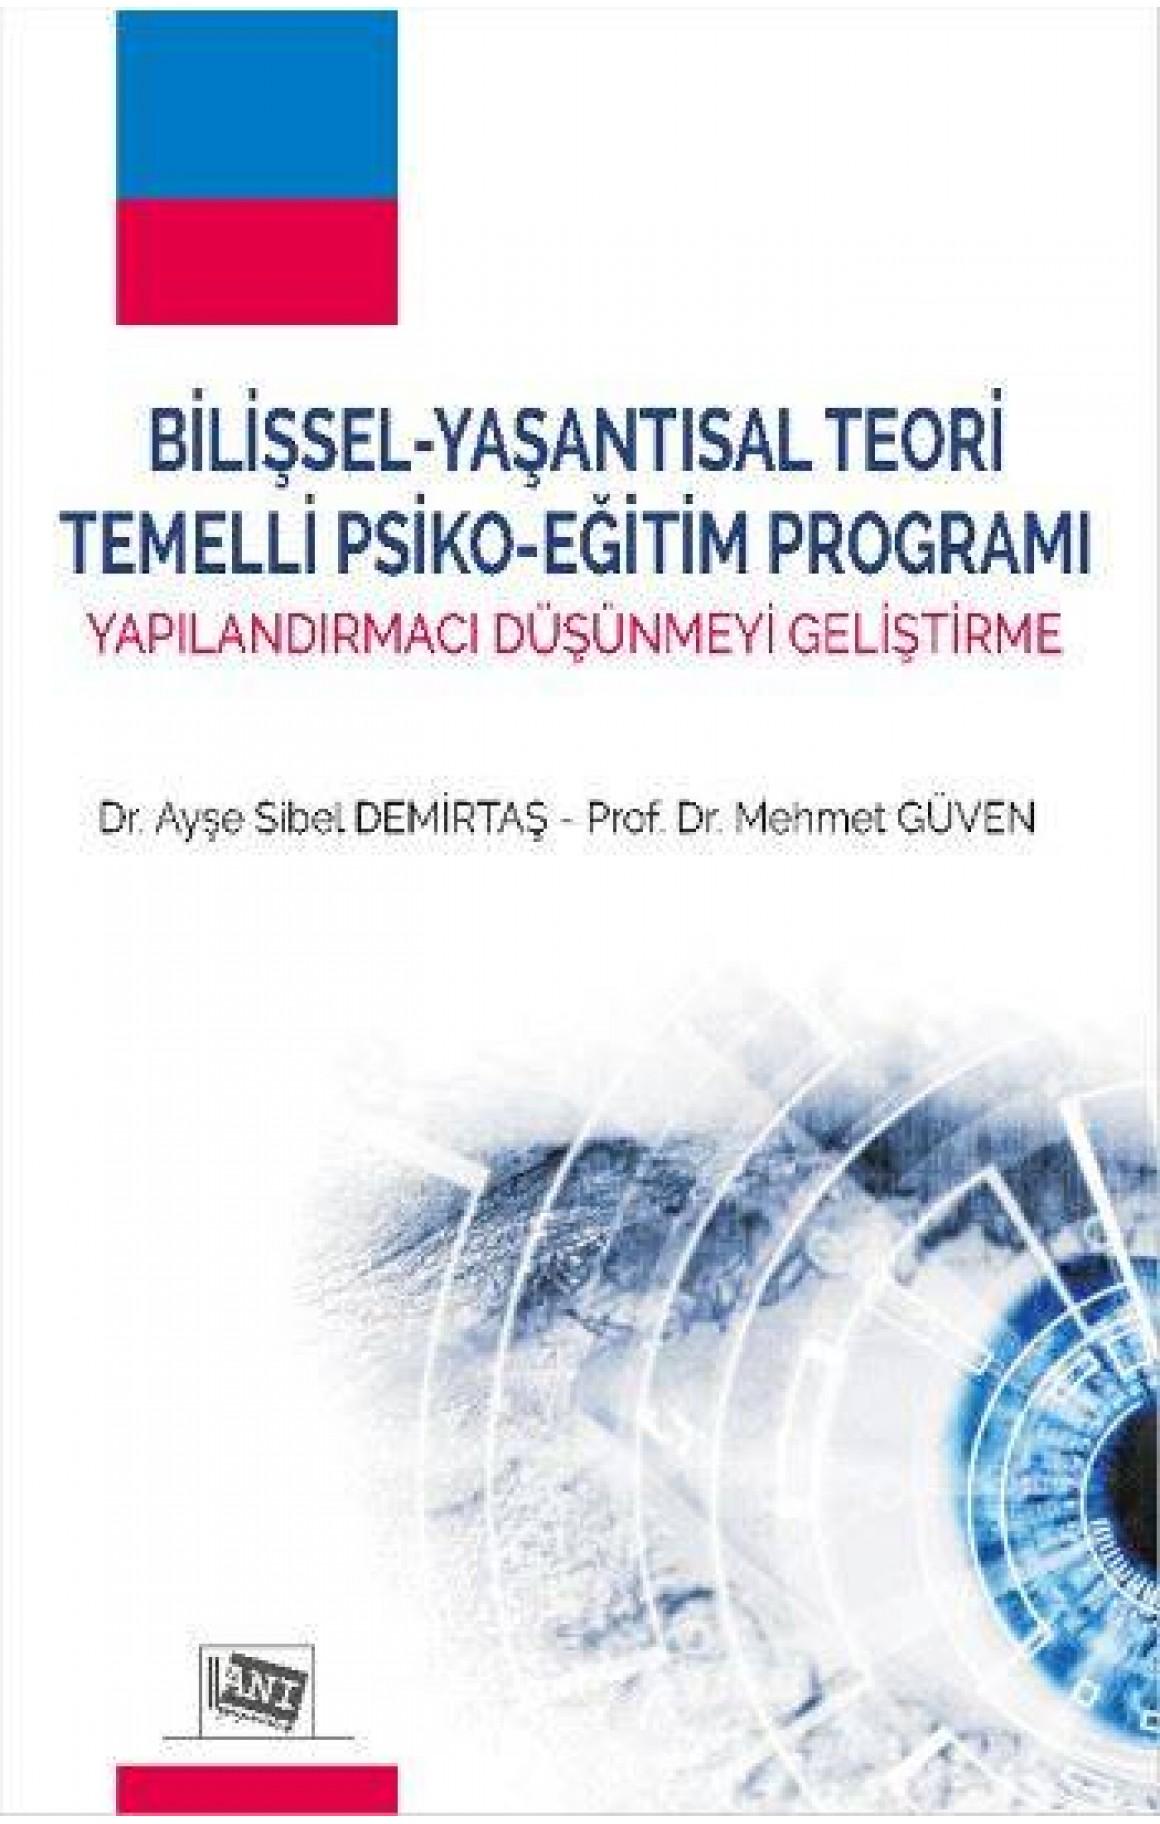 Bilişsel-Yaşantısal Teori Temelli Psiko-Eğitim Programı